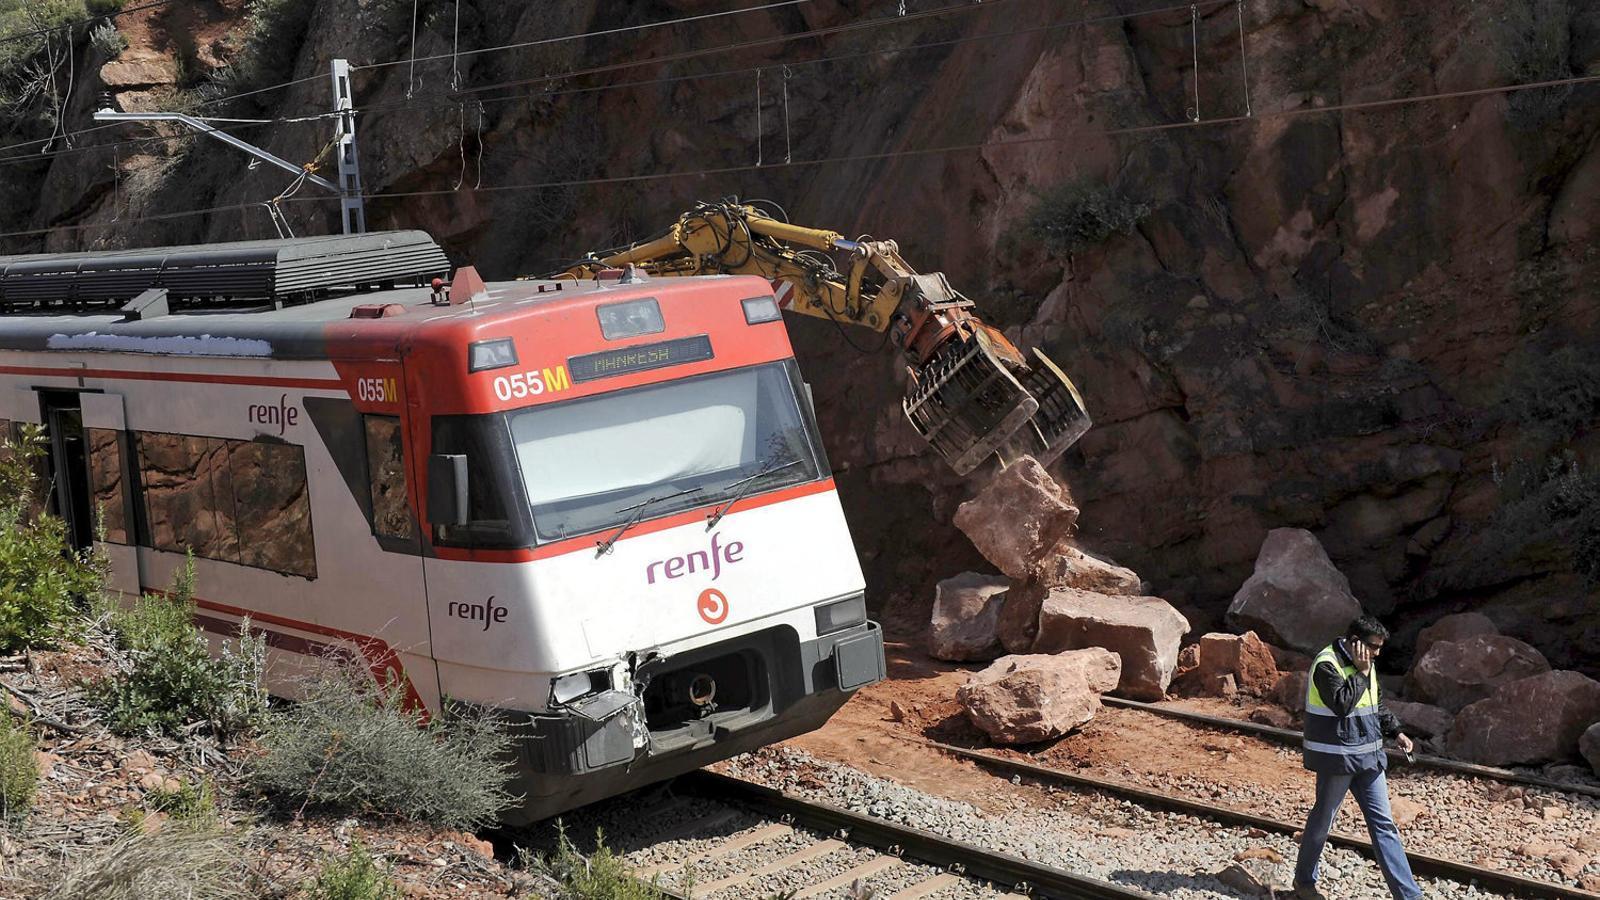 Operaris de Renfe van retirar les roques que havien caigut a la via.